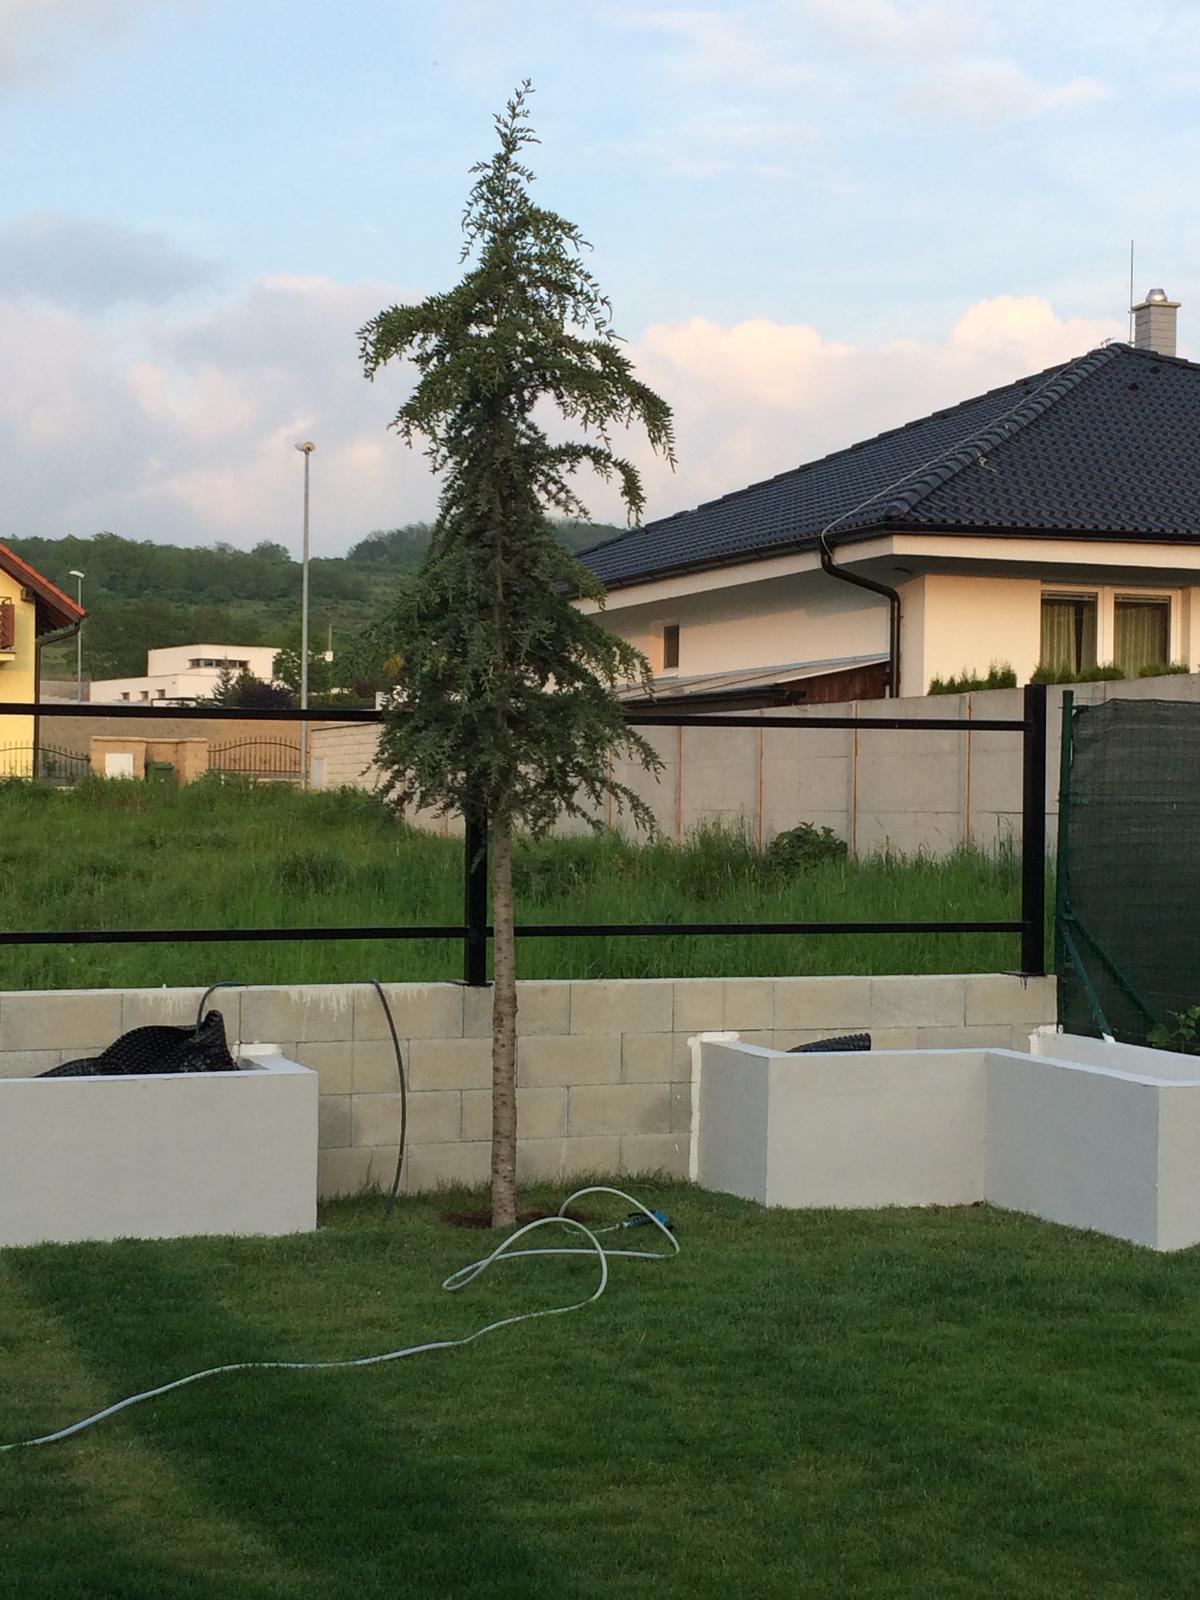 Zahradka - Céder na mieste.